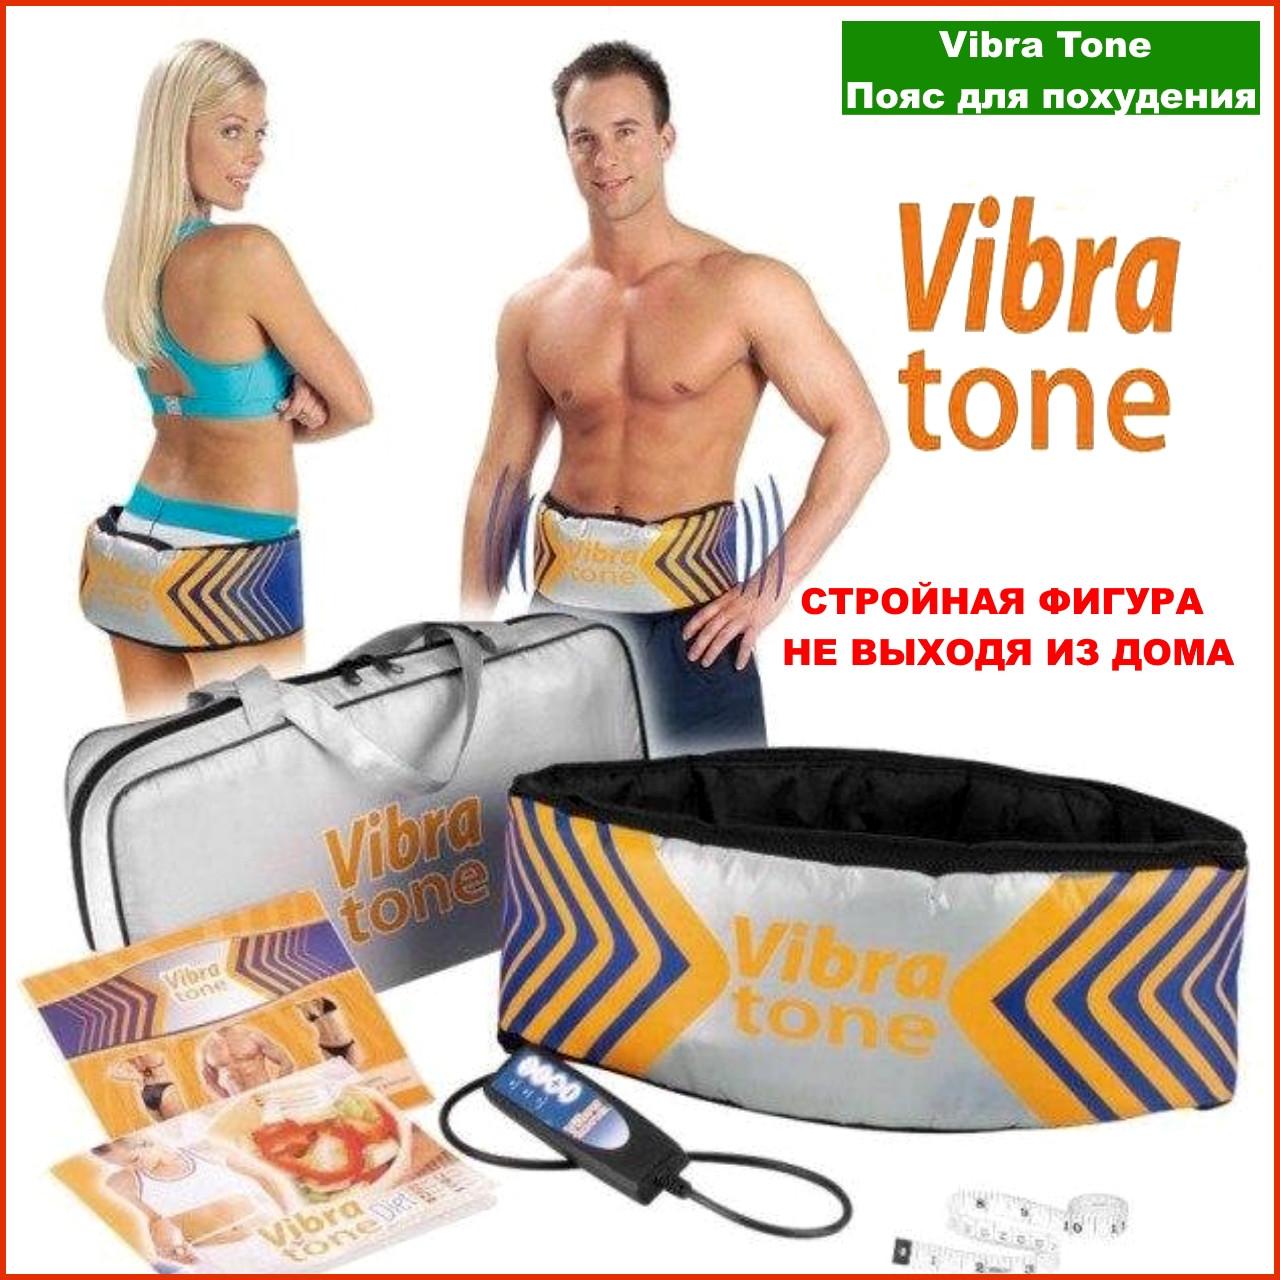 Пояс для похудения Vibra Tone Вибромассажер Массажный пояс Вибратон Антицелюлитный эффект